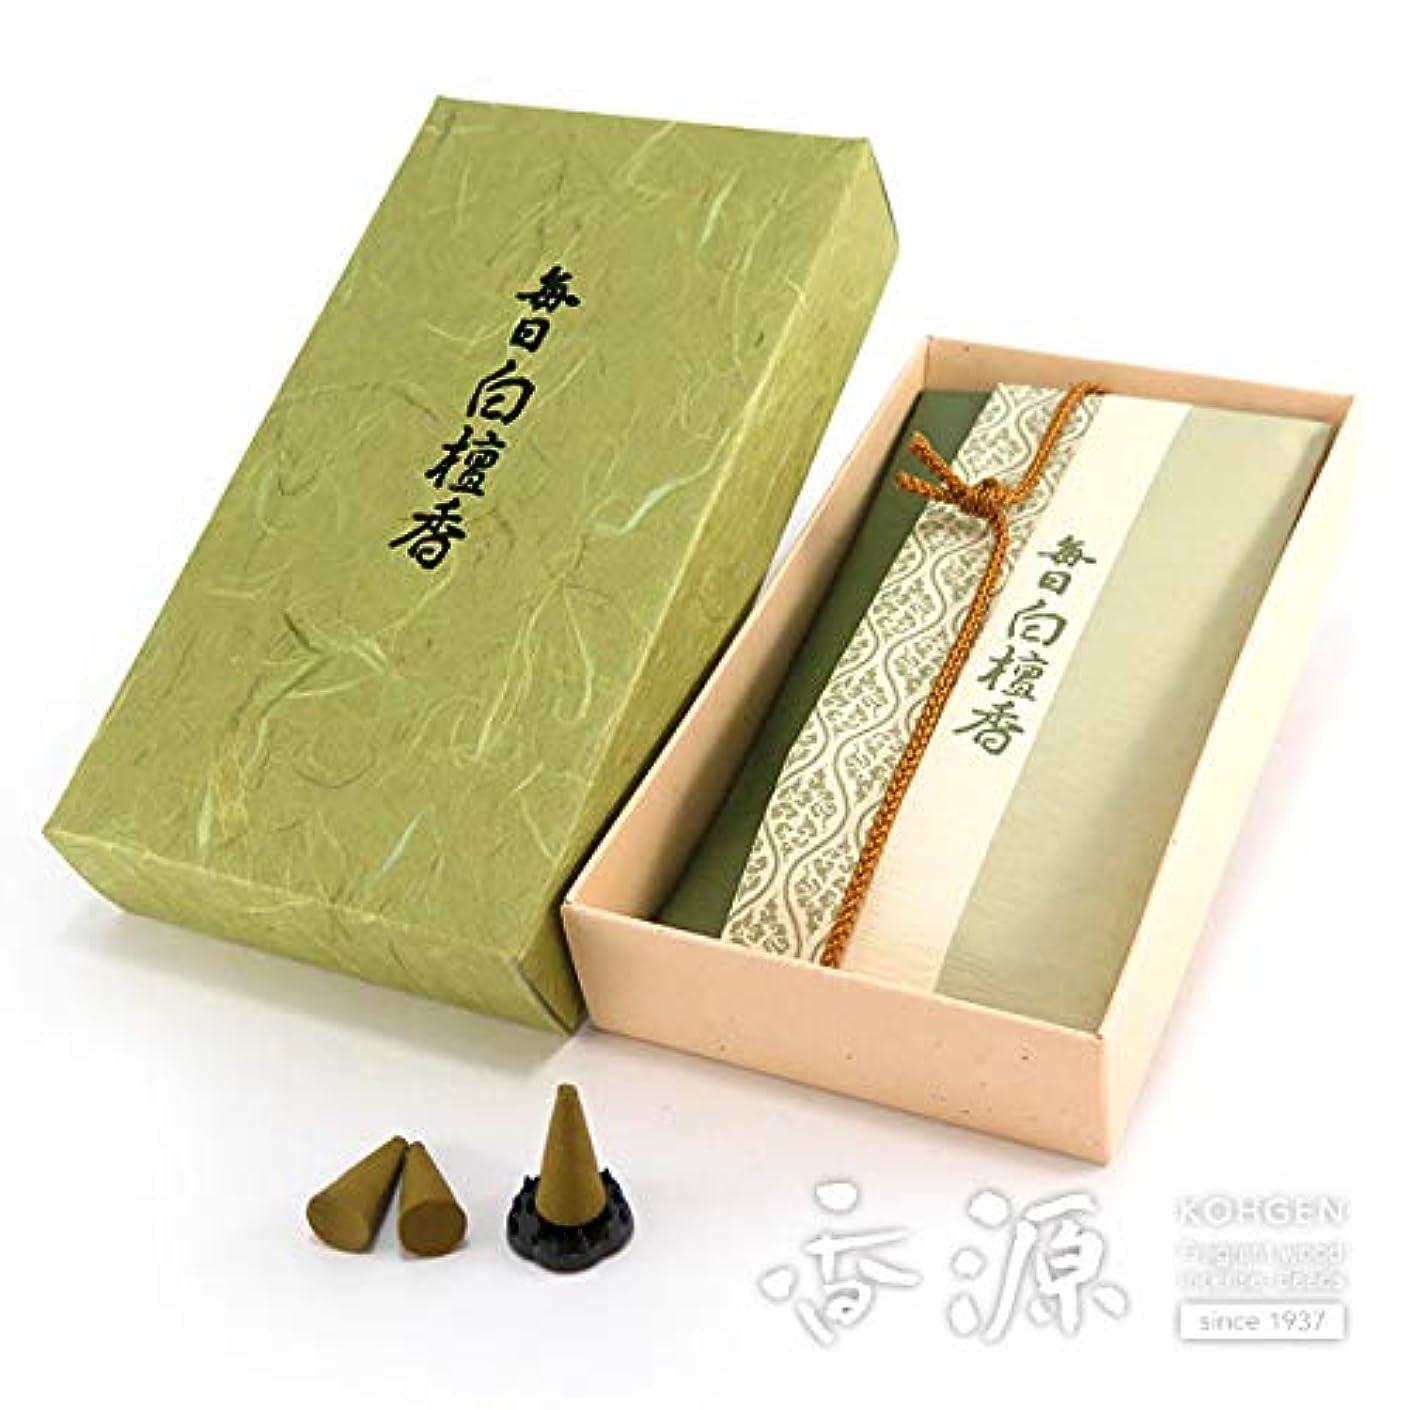 一過性同行自動車日本香堂のお香 白檀の定番 毎日白檀香 コーン型24個入